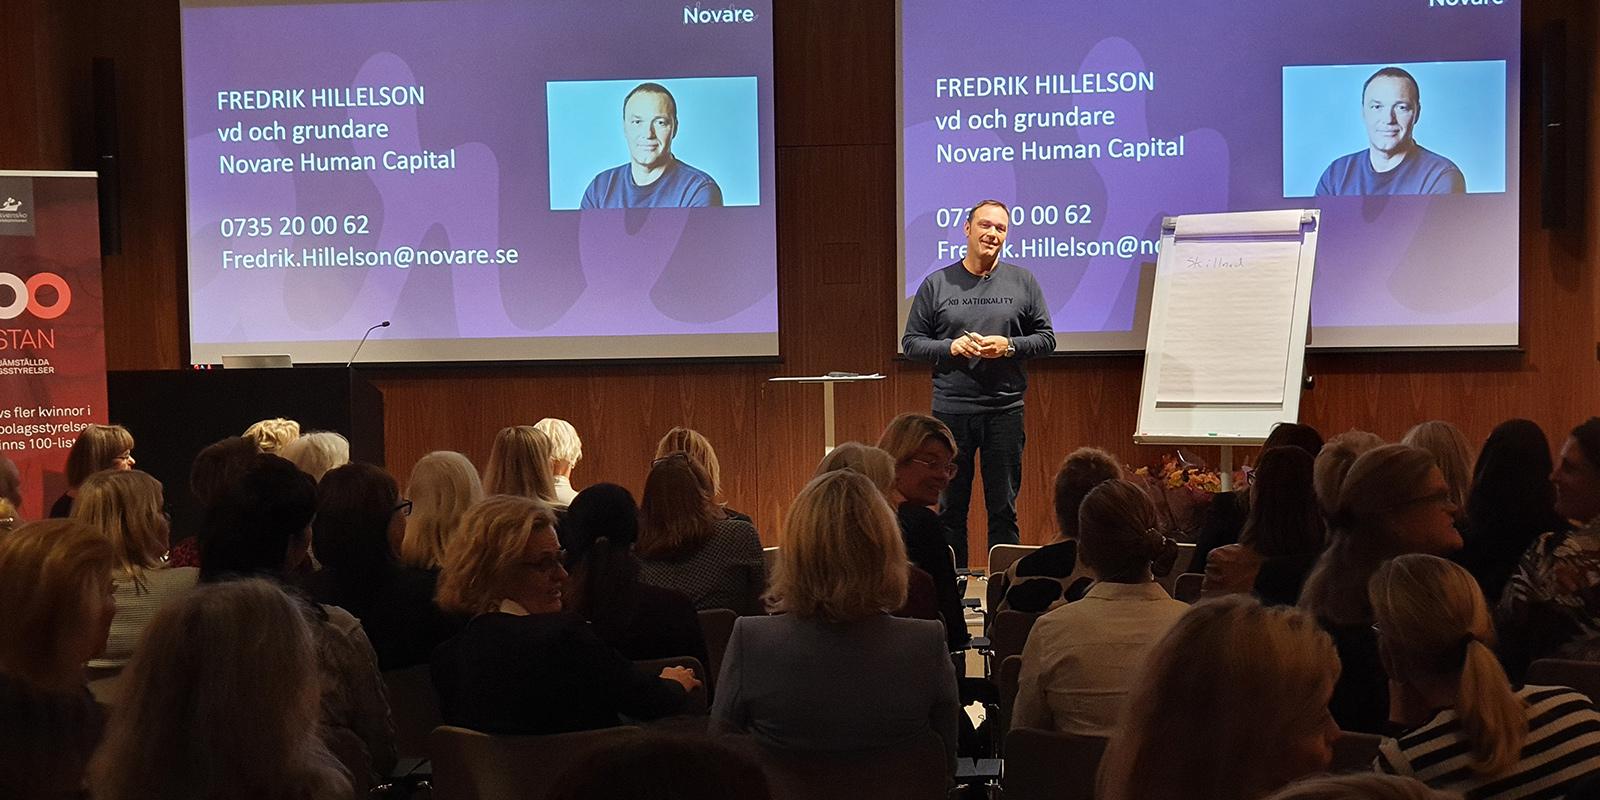 Fredrik Hillelson framför två stora skärmar vid en konferens